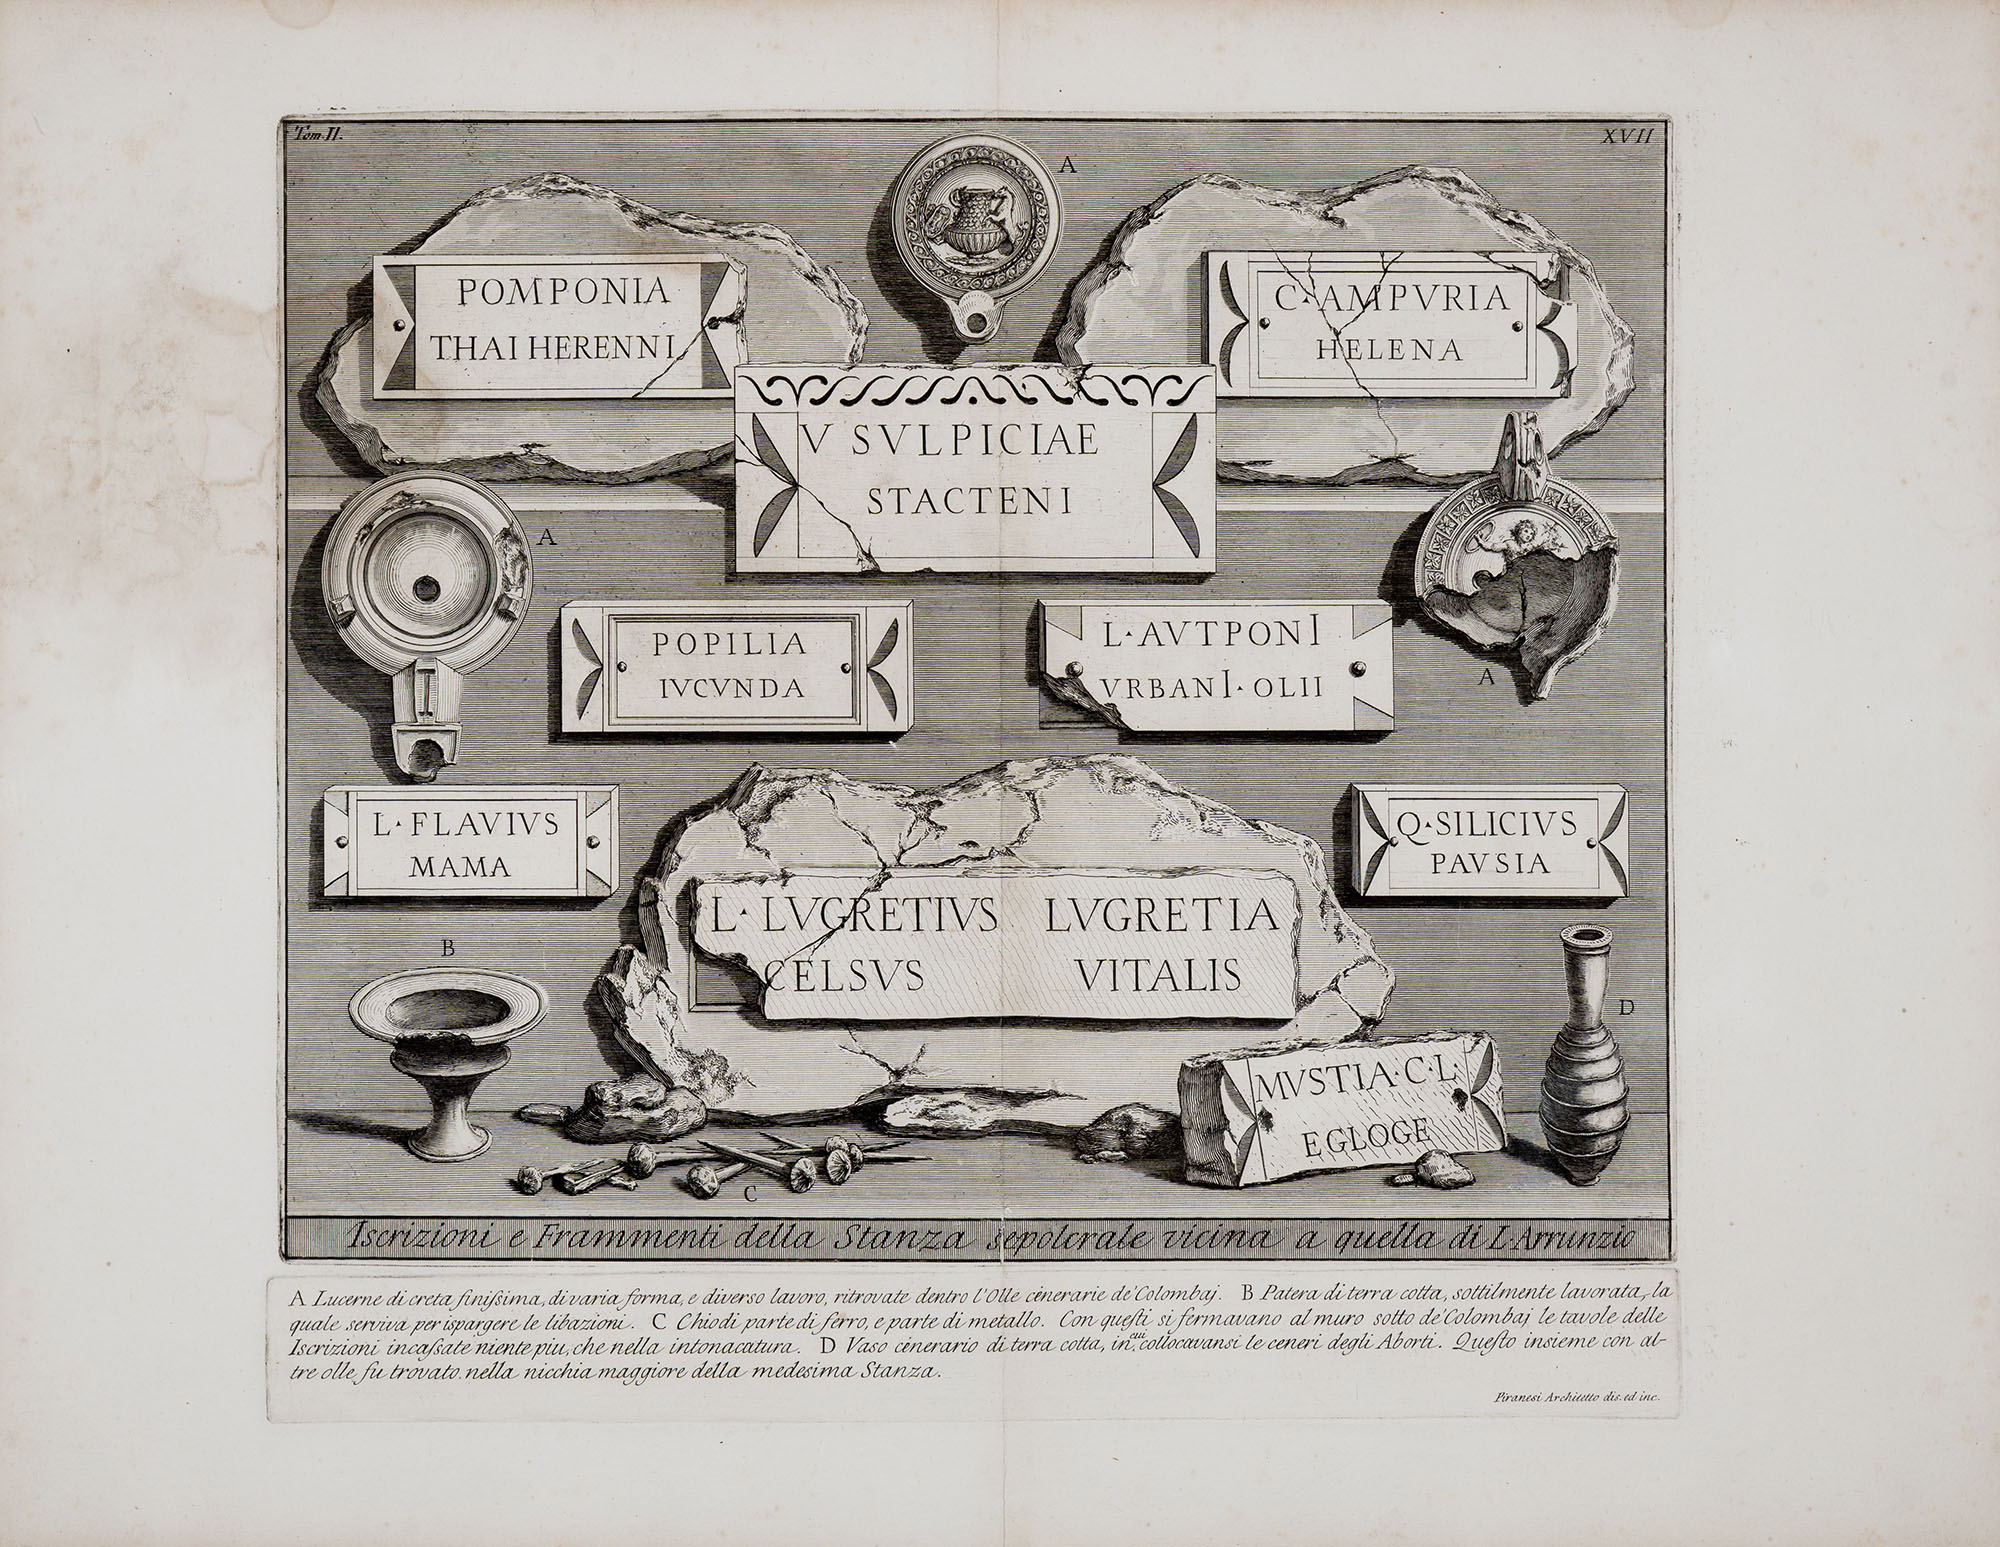 32. Iscrizioni e Frammenti della Stanza sepolcrale vicina a quella di L. Arrunzio